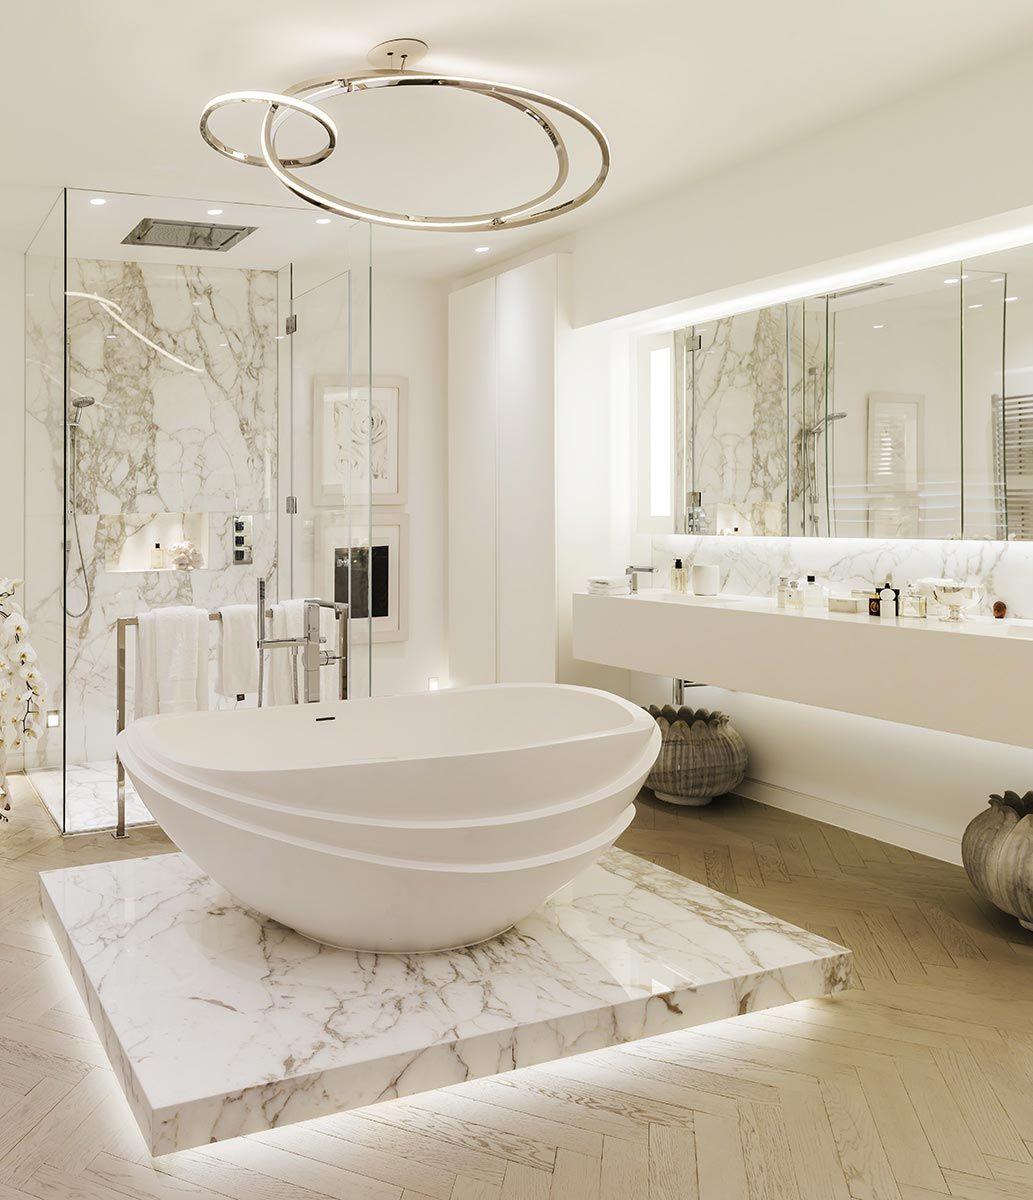 5 x 4 badezimmerdesigns stemo stevenmohl on pinterest